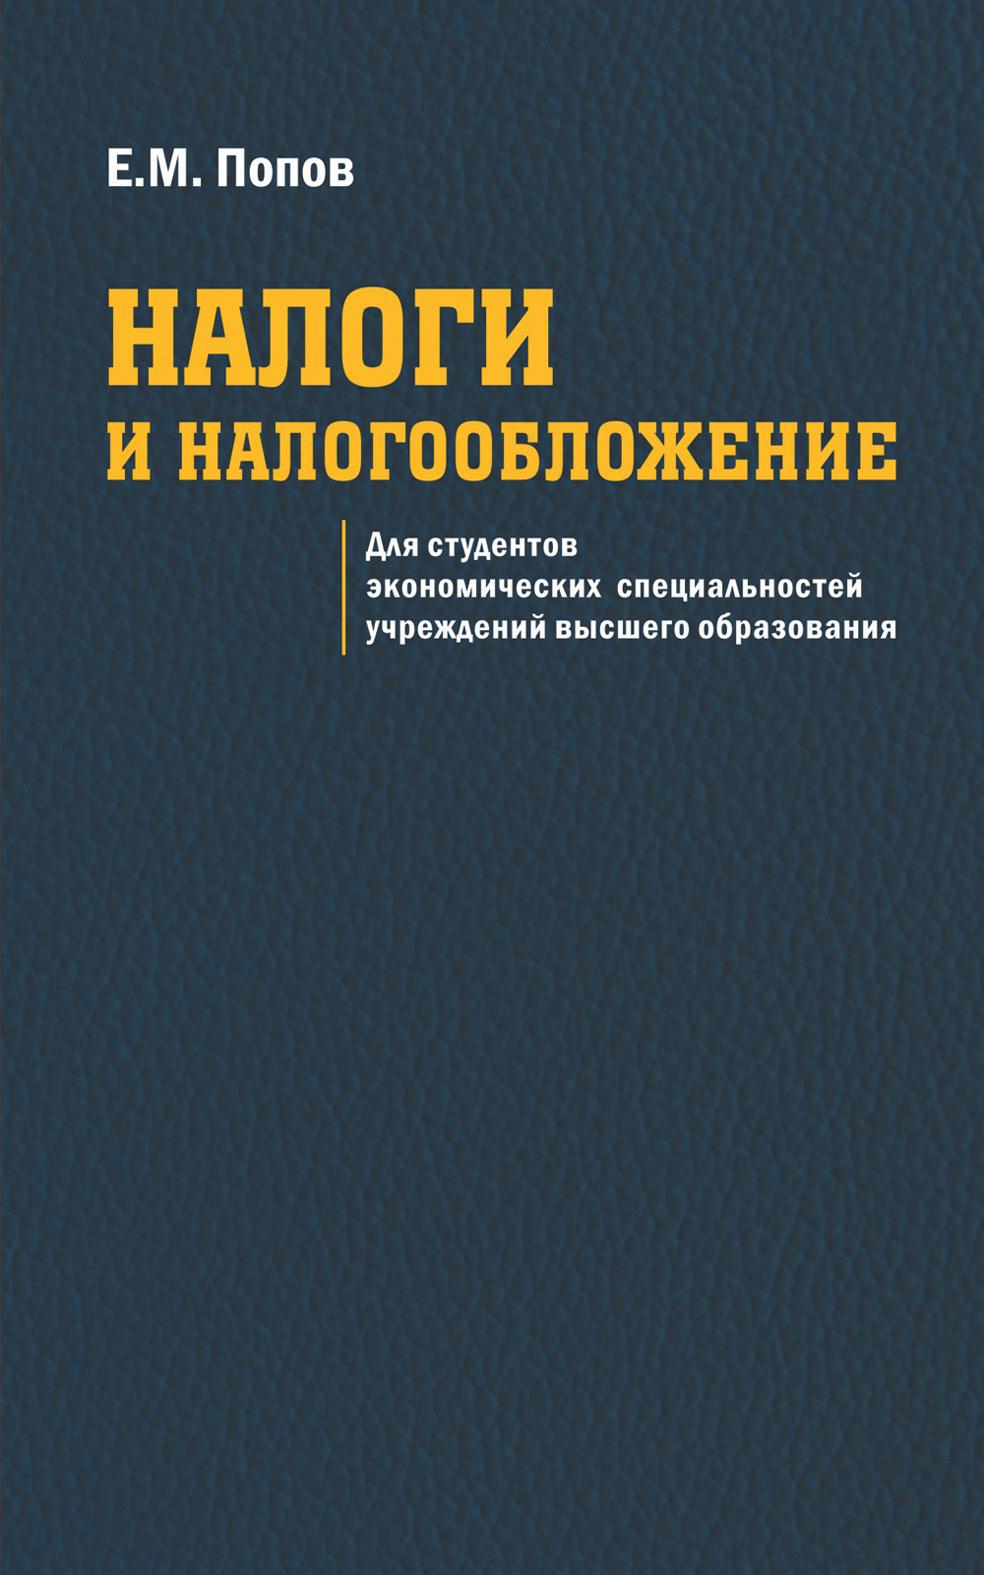 Евгений Попов Налоги и налогообложение бабаев ю ред бухгалтерский учет анализ и аудит внешнеэконом деятельности